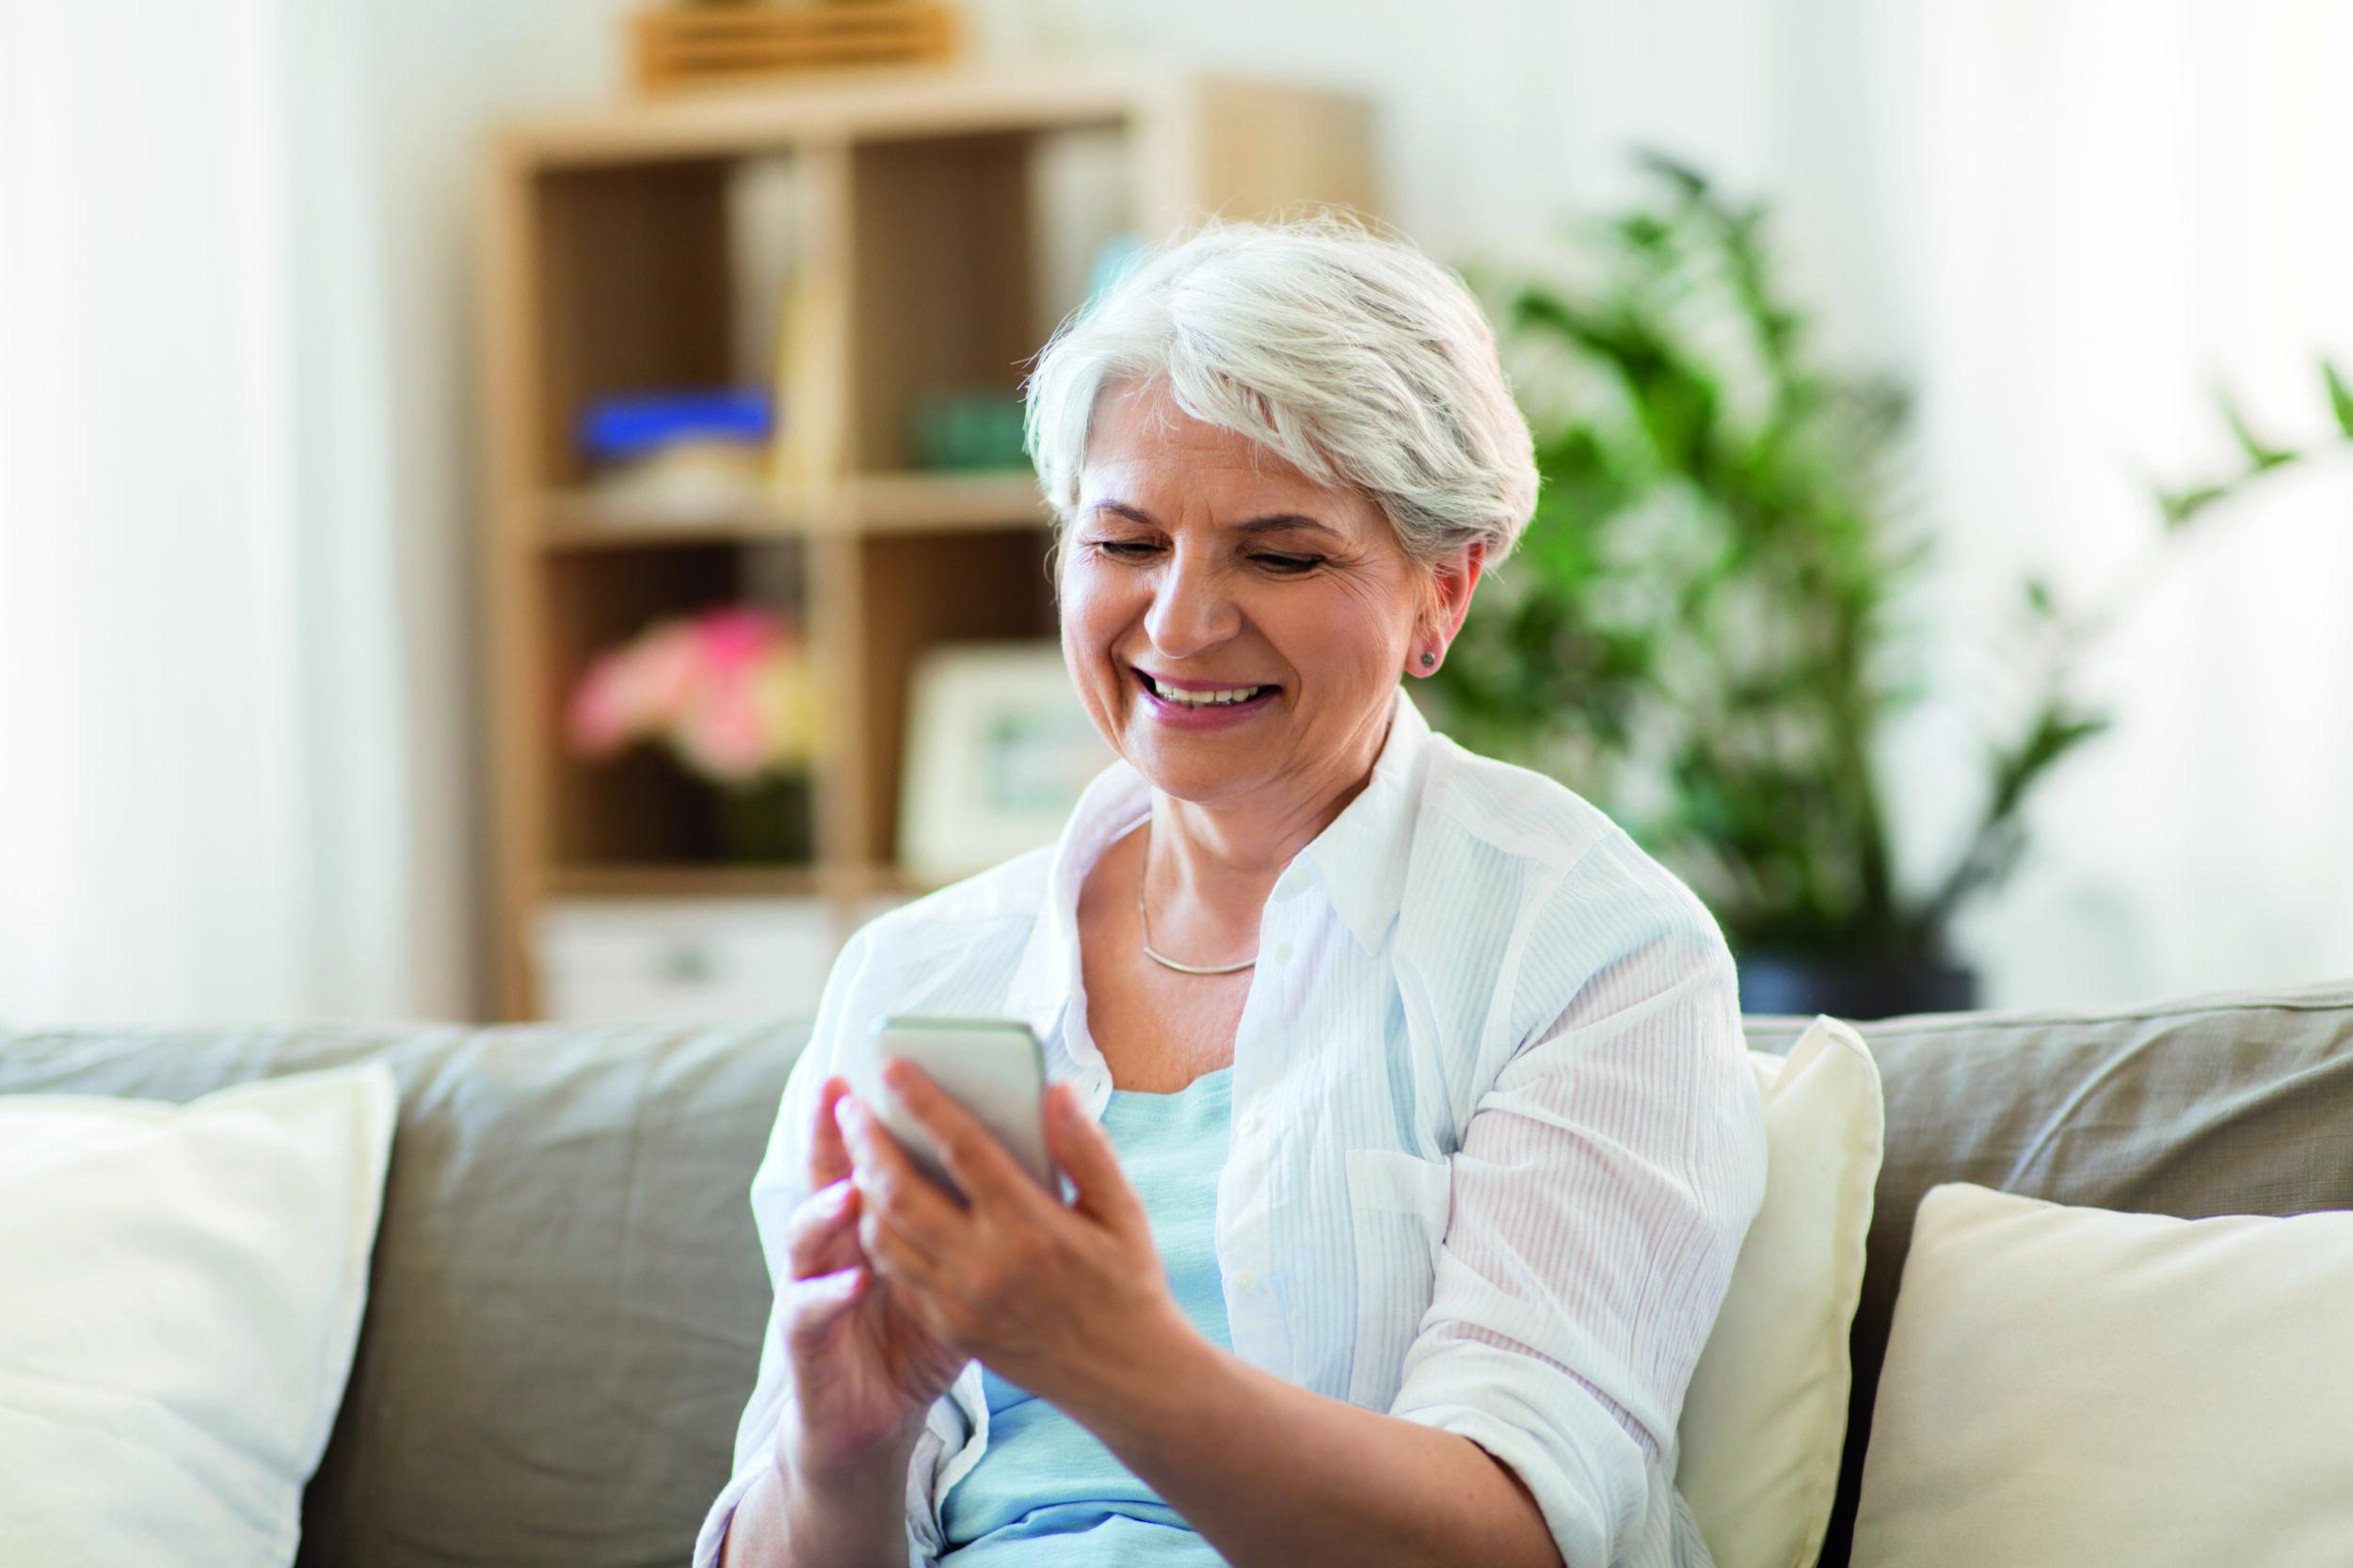 Auch ältere Menschen entdecken die Vorteile von Smartphone-Apps für sich. (Foto: txn dolgachov/123rf)